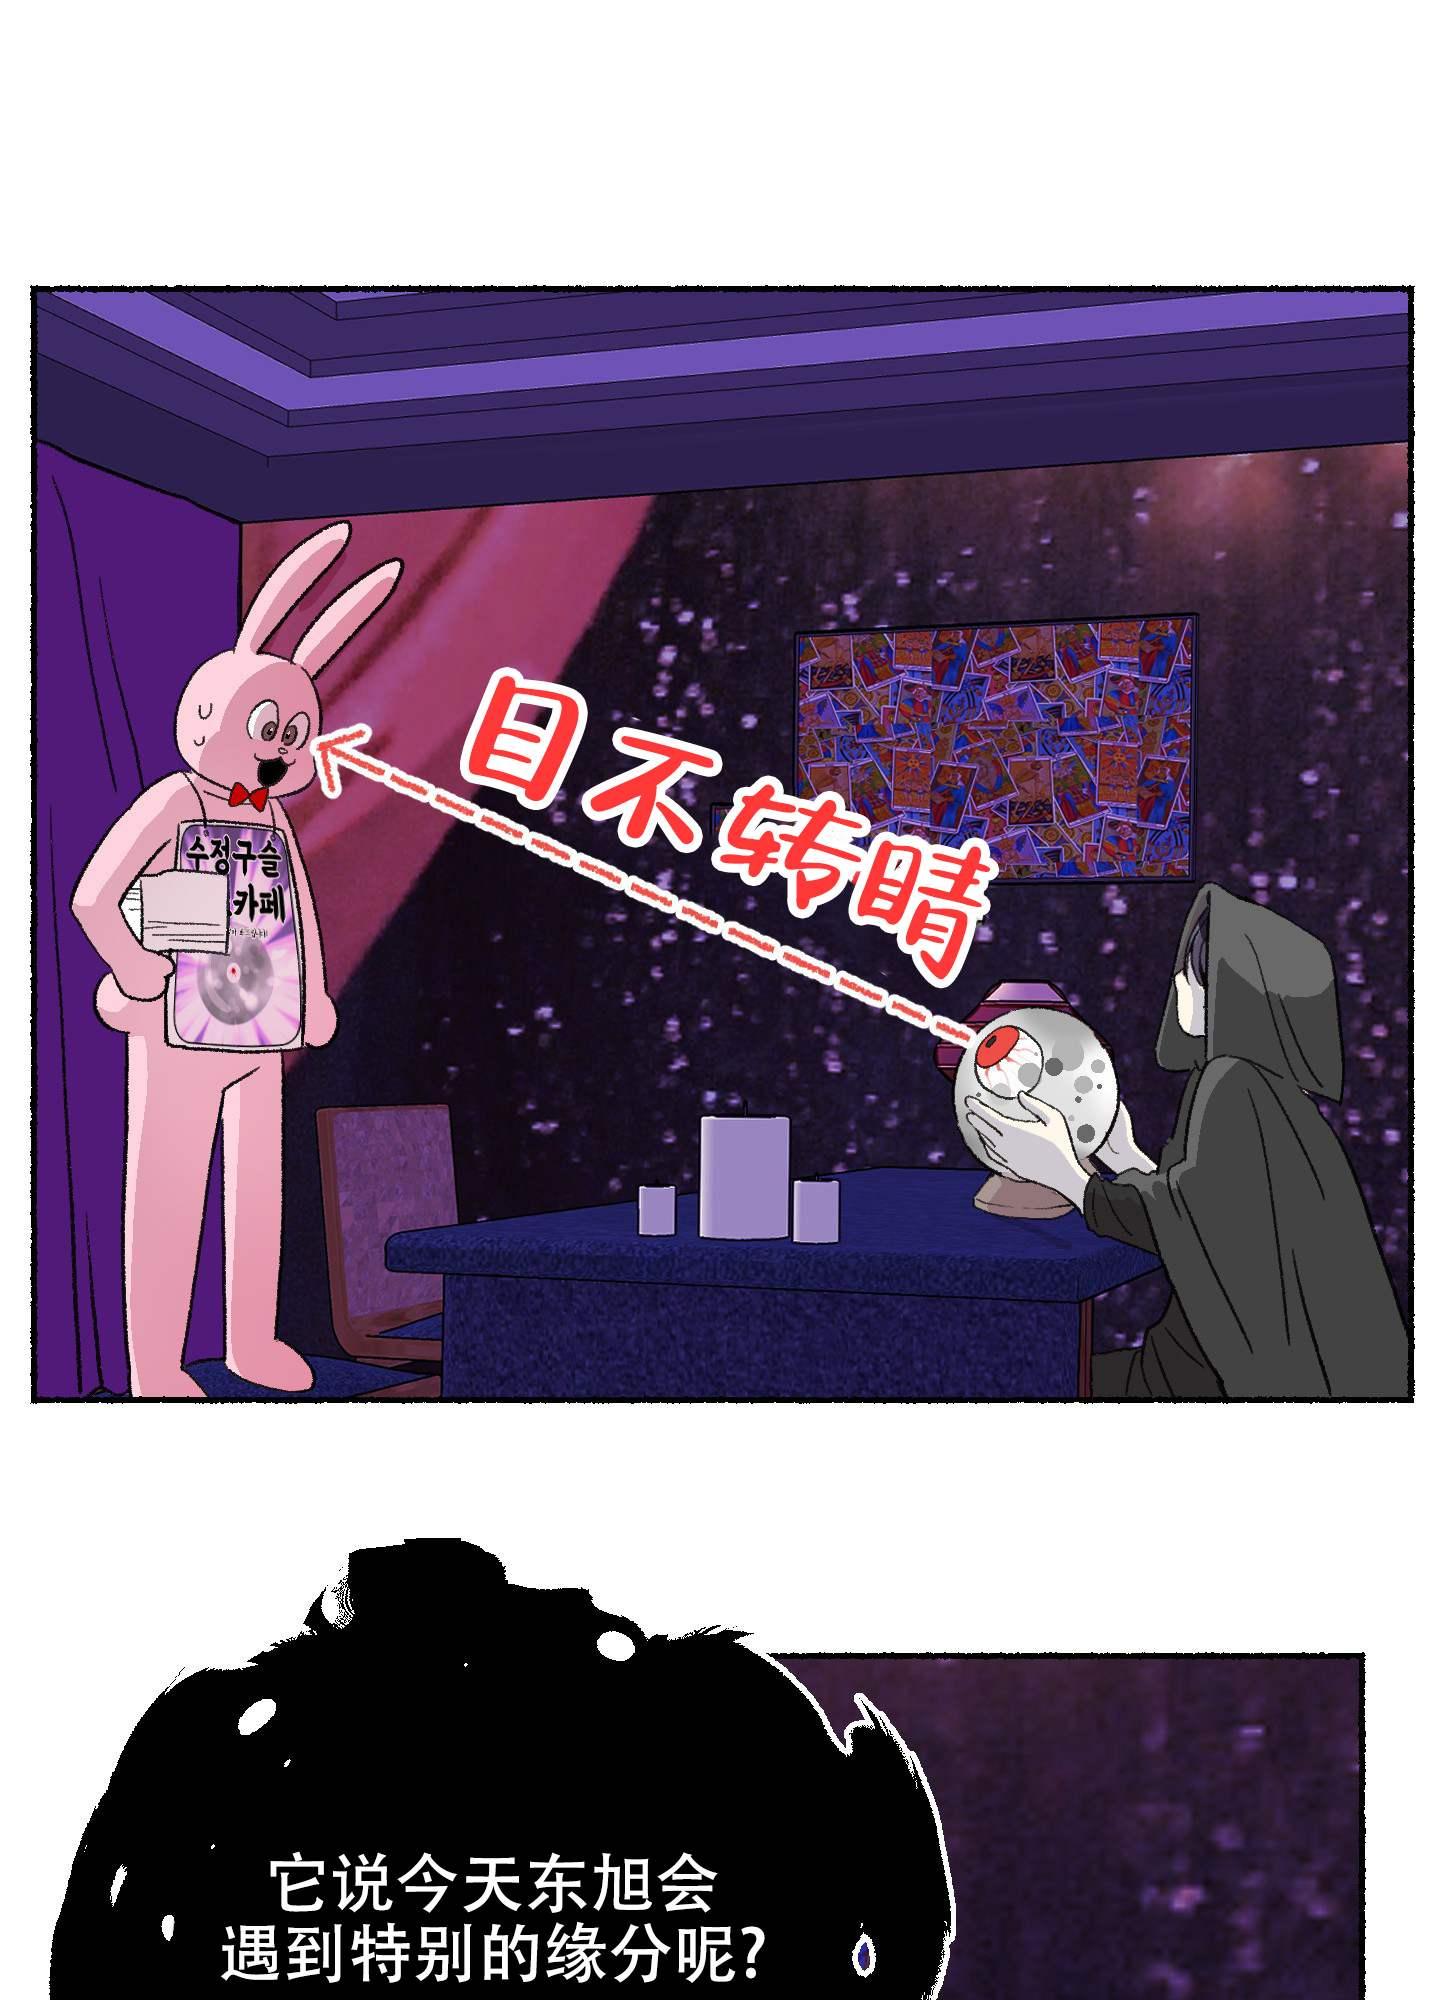 韩漫 |《狡猾的鲁鲁》  恶魔与人类,一饿就开do!  第7张